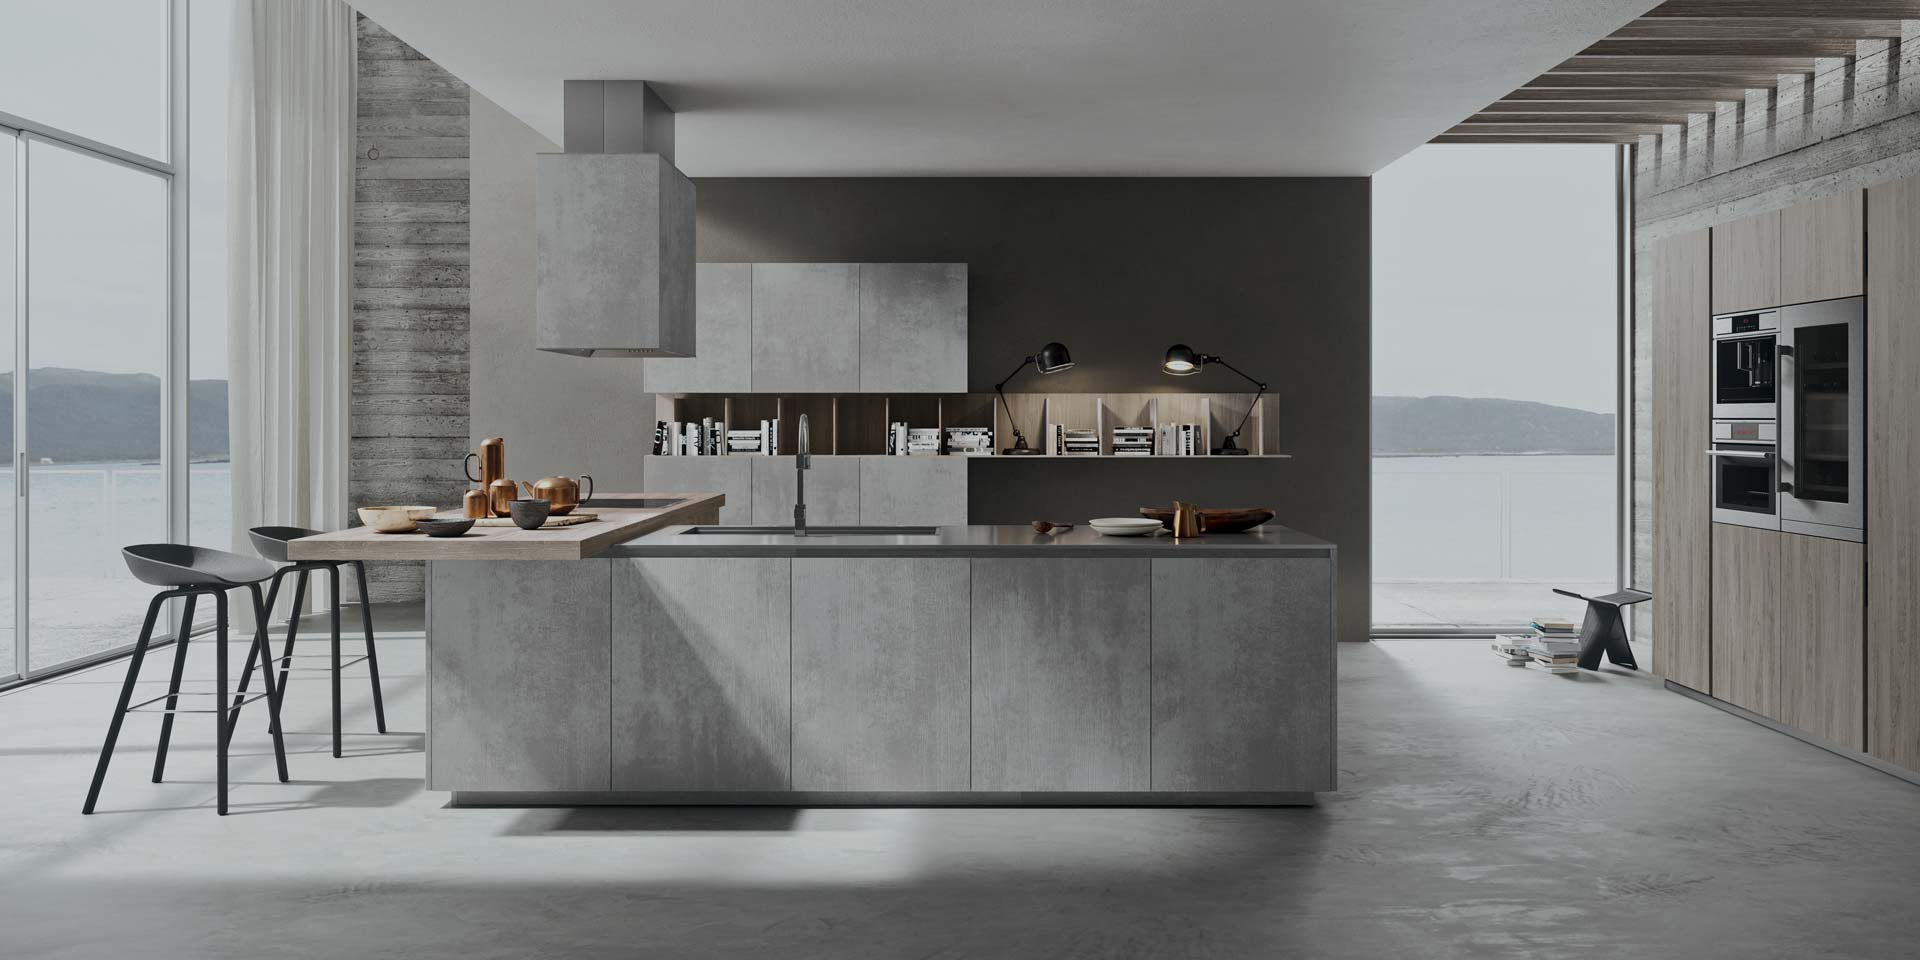 Ambiente cucina modulo arredamenti grosseto - Copat life cucine ...